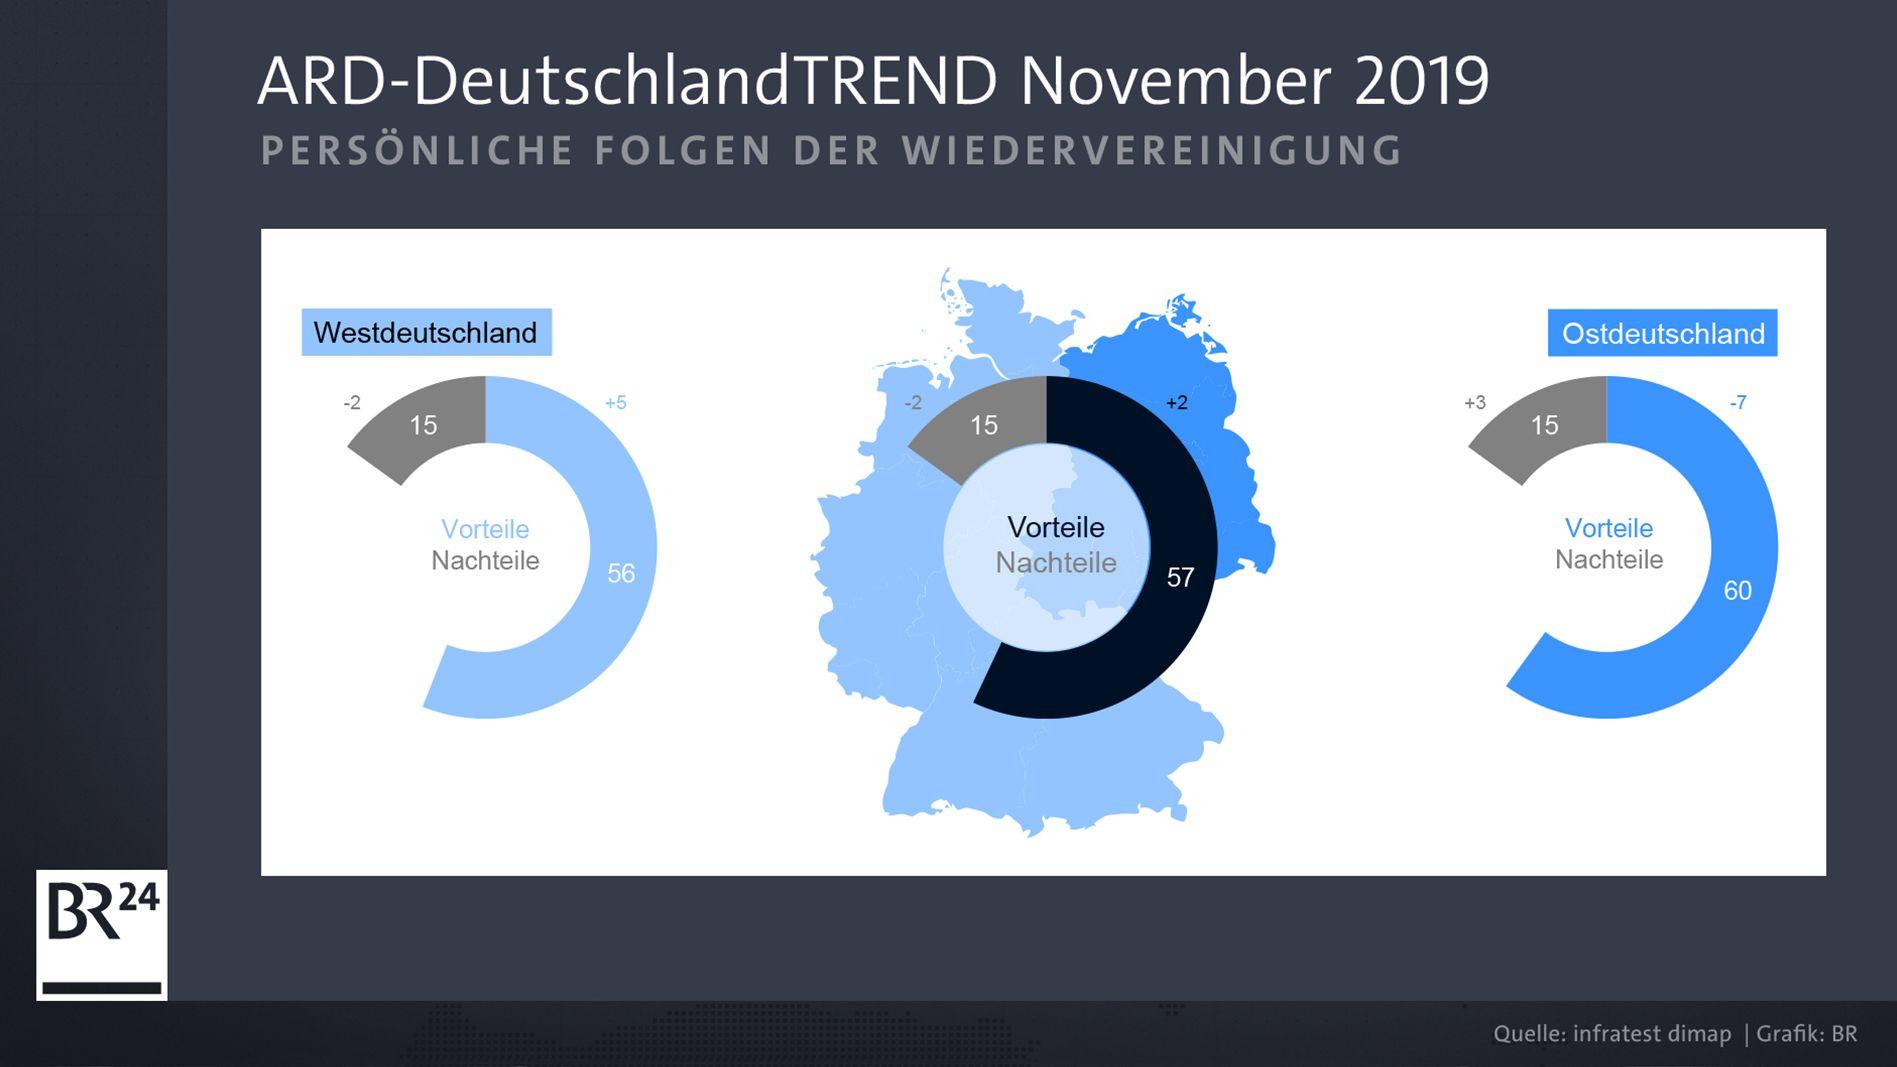 ARD-DeutschlandTrend: Frage zur Wiedervereinigung